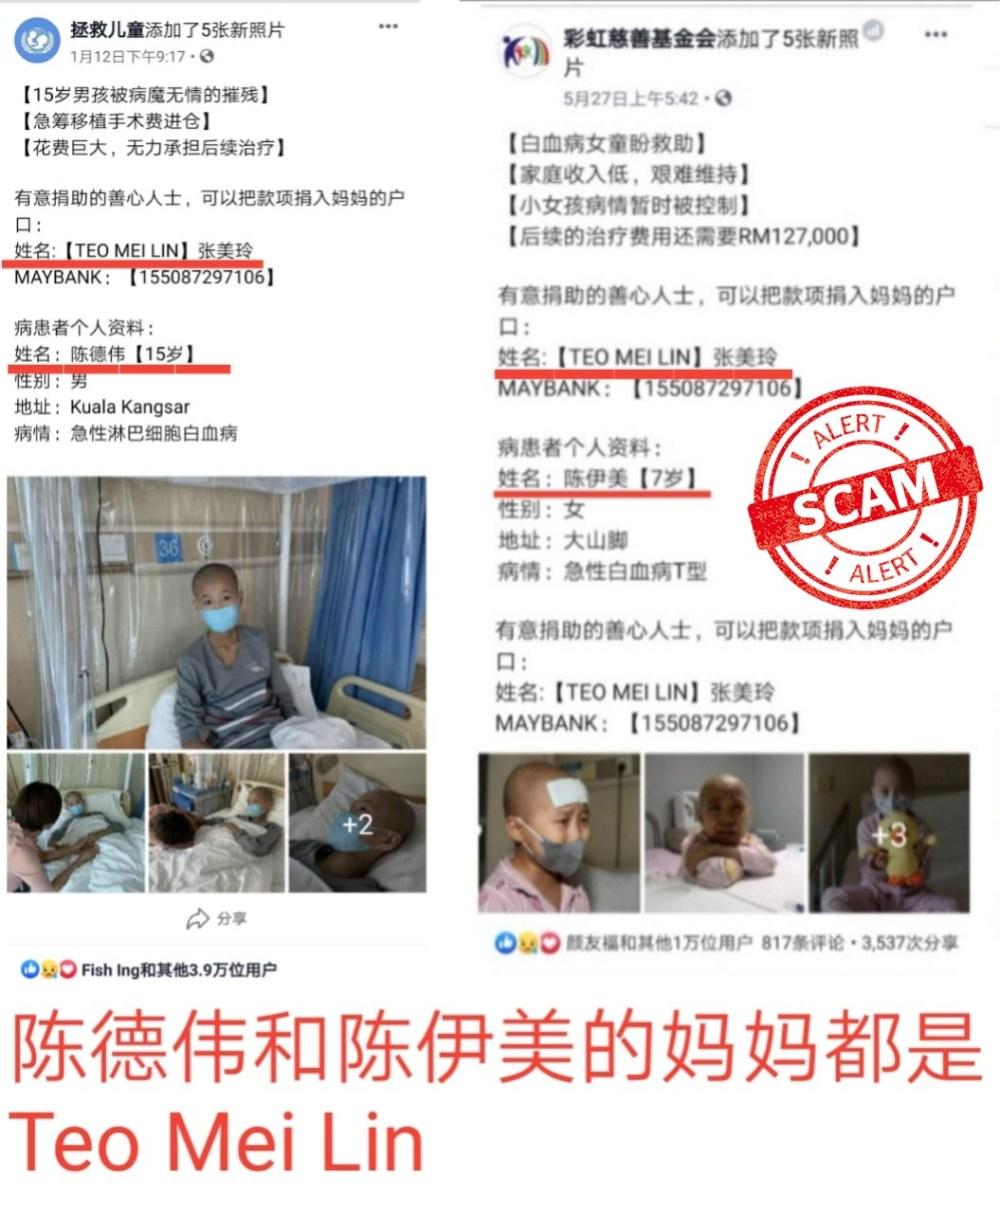 Charity Scam Teo Mei Lin 01